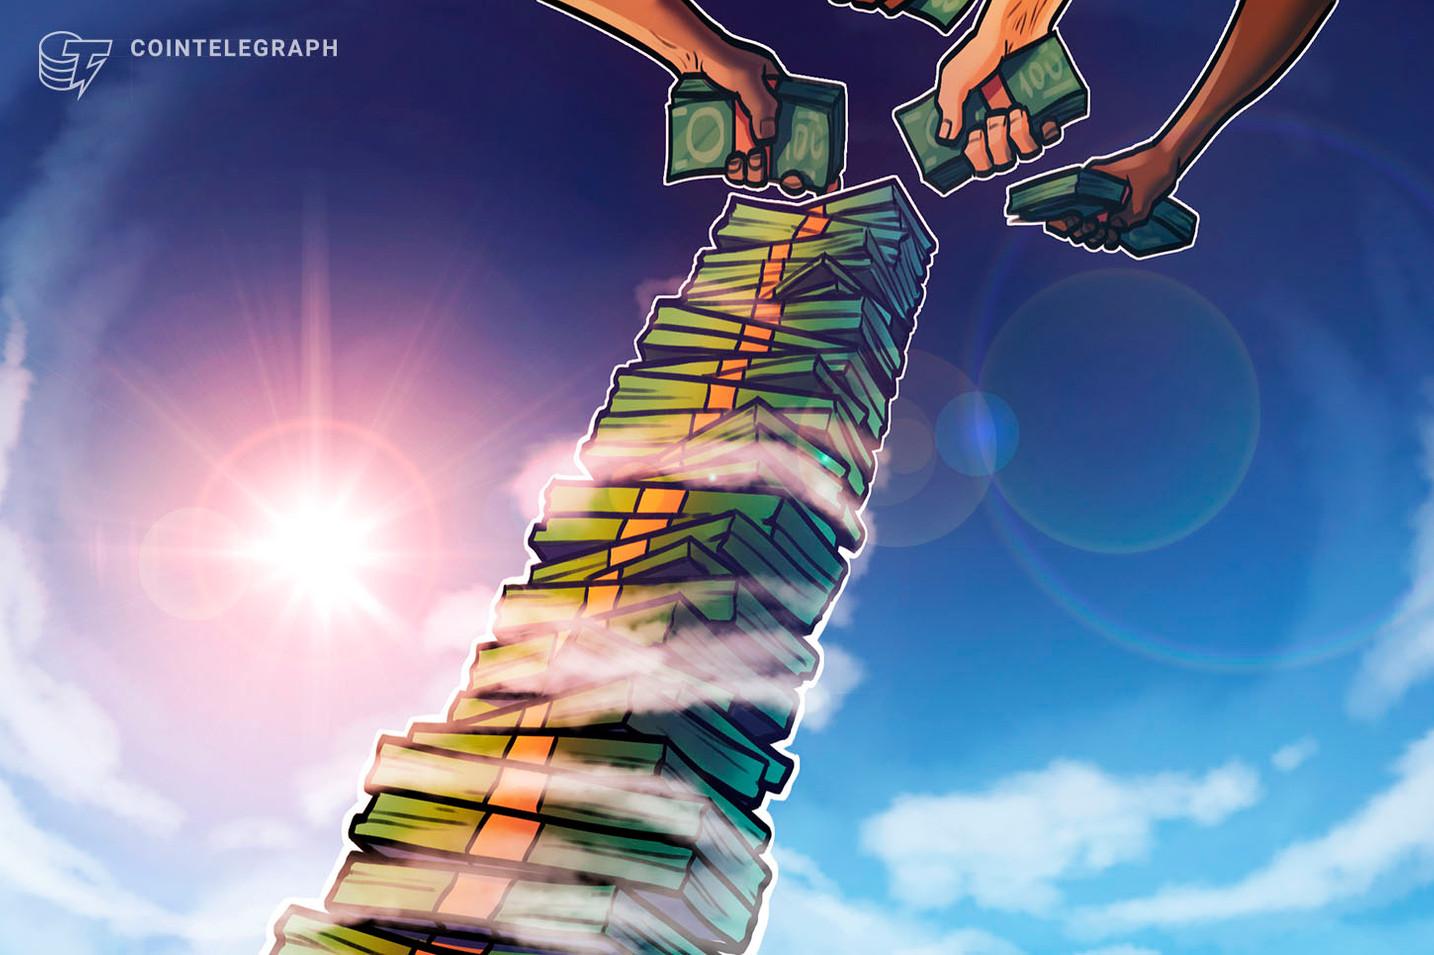 資産形成・資産運用とは【老後2000万円問題に備える】